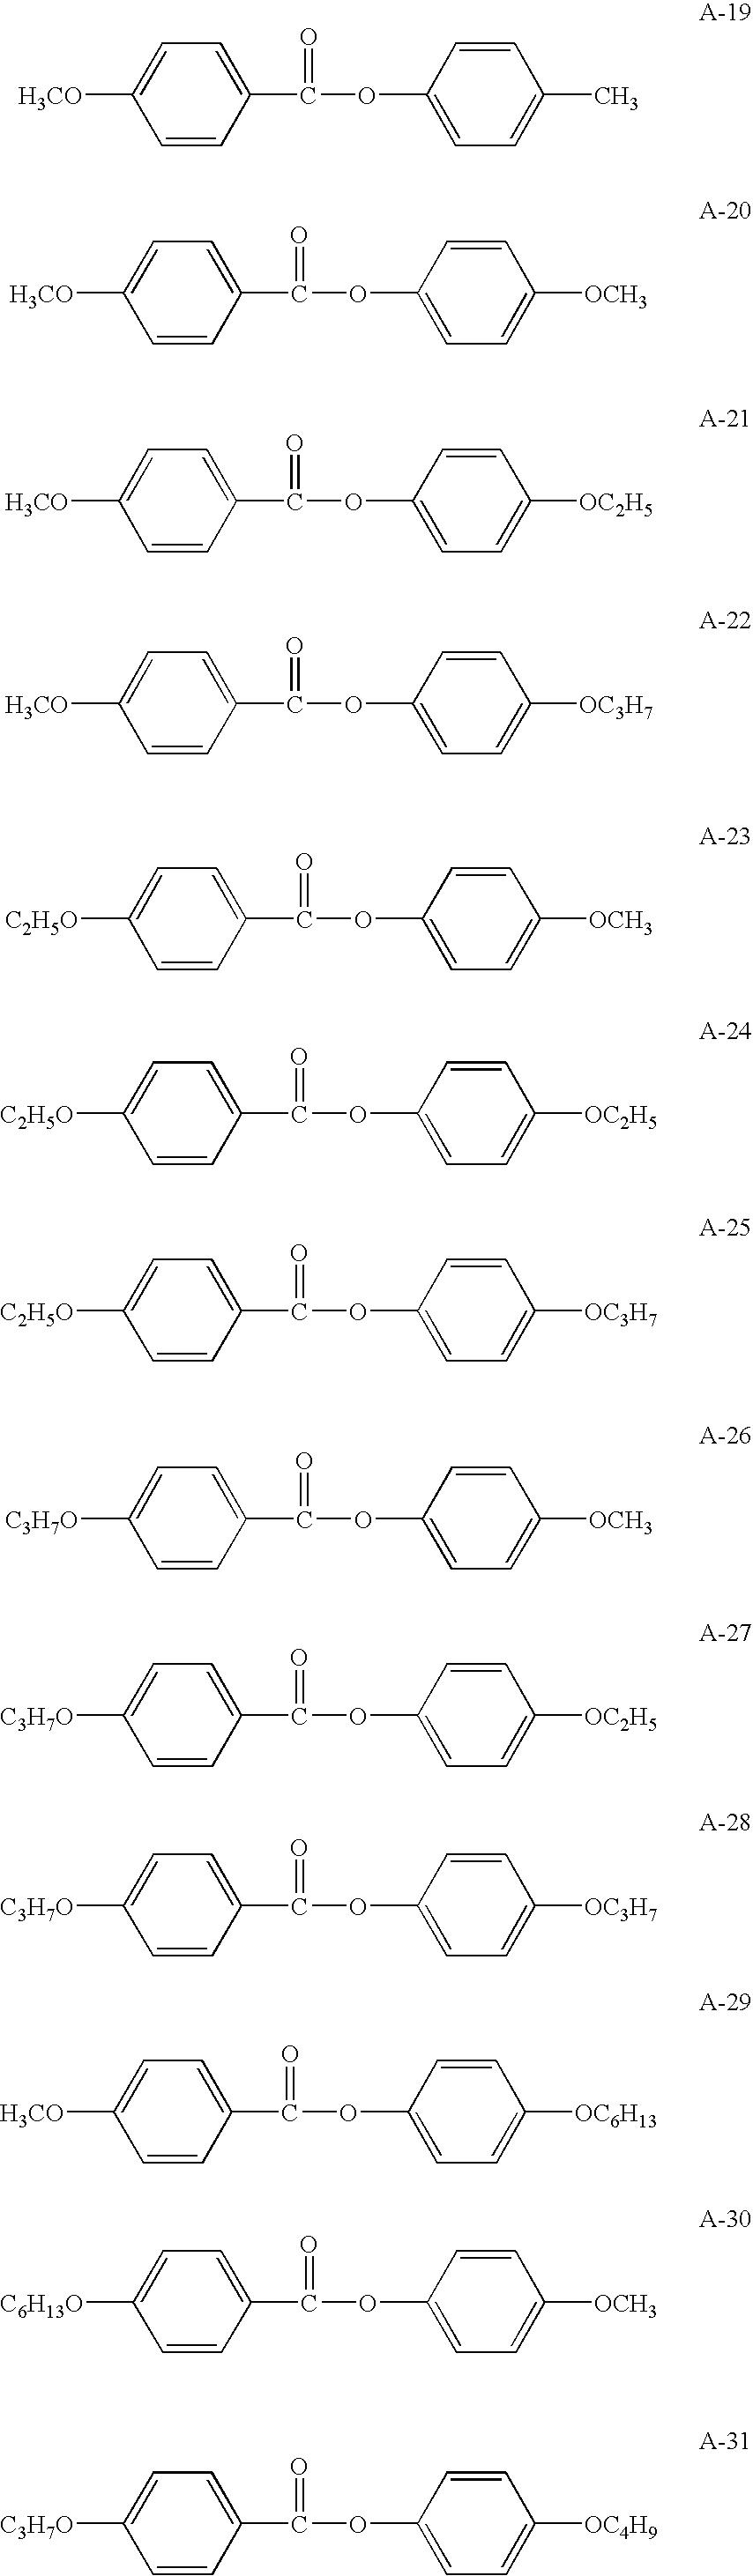 Figure US07504139-20090317-C00028